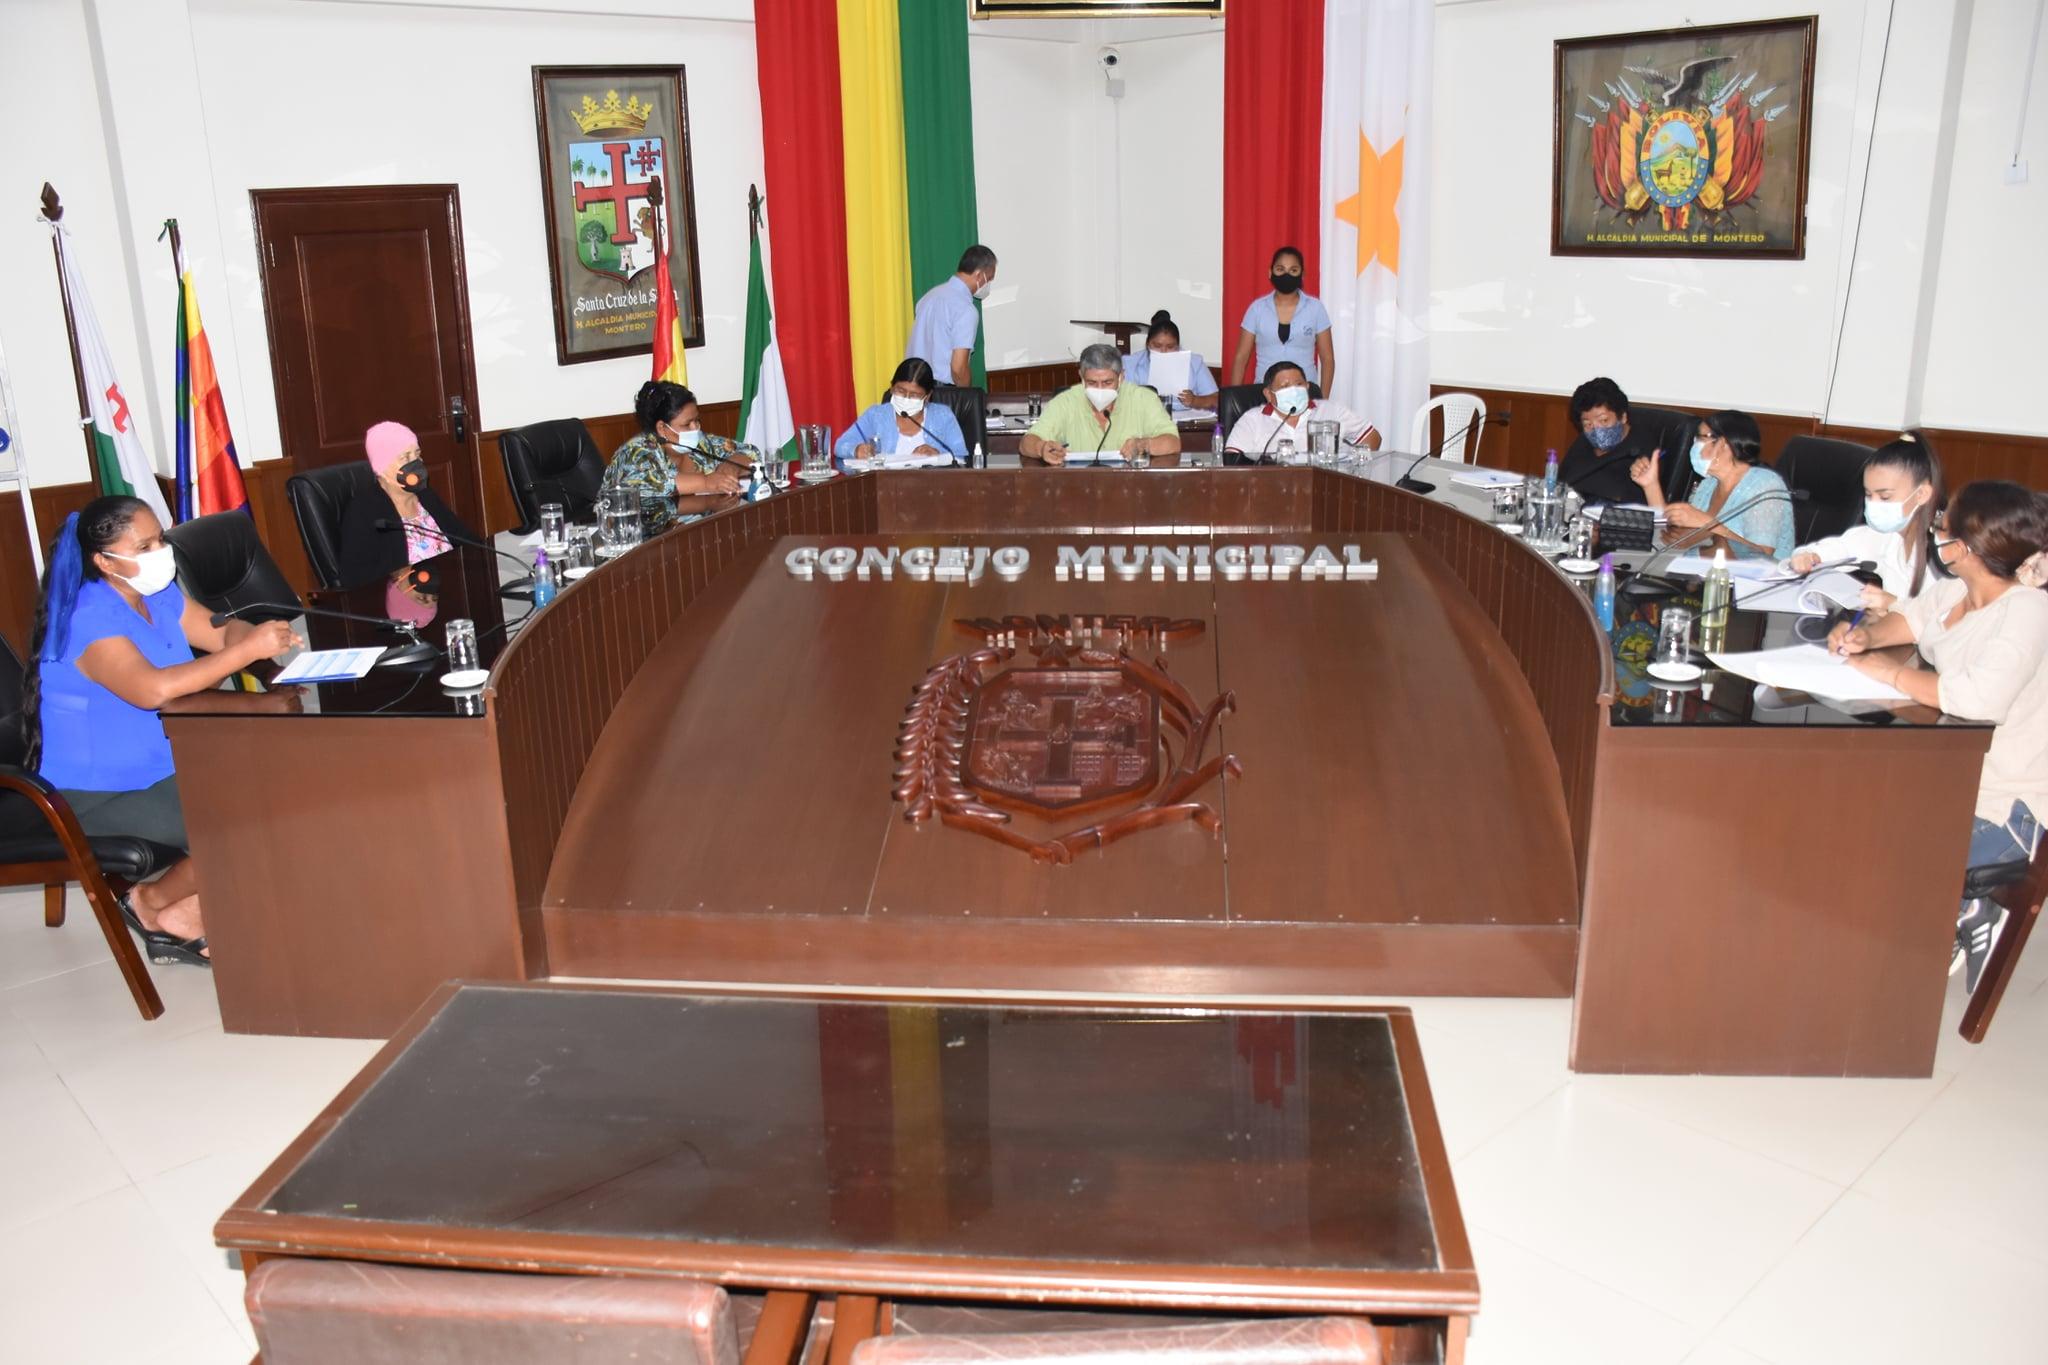 Concejo Municipal aprueba 2do. reformulado del POA 2020 incrementando más de 10 millones de bolivianos.